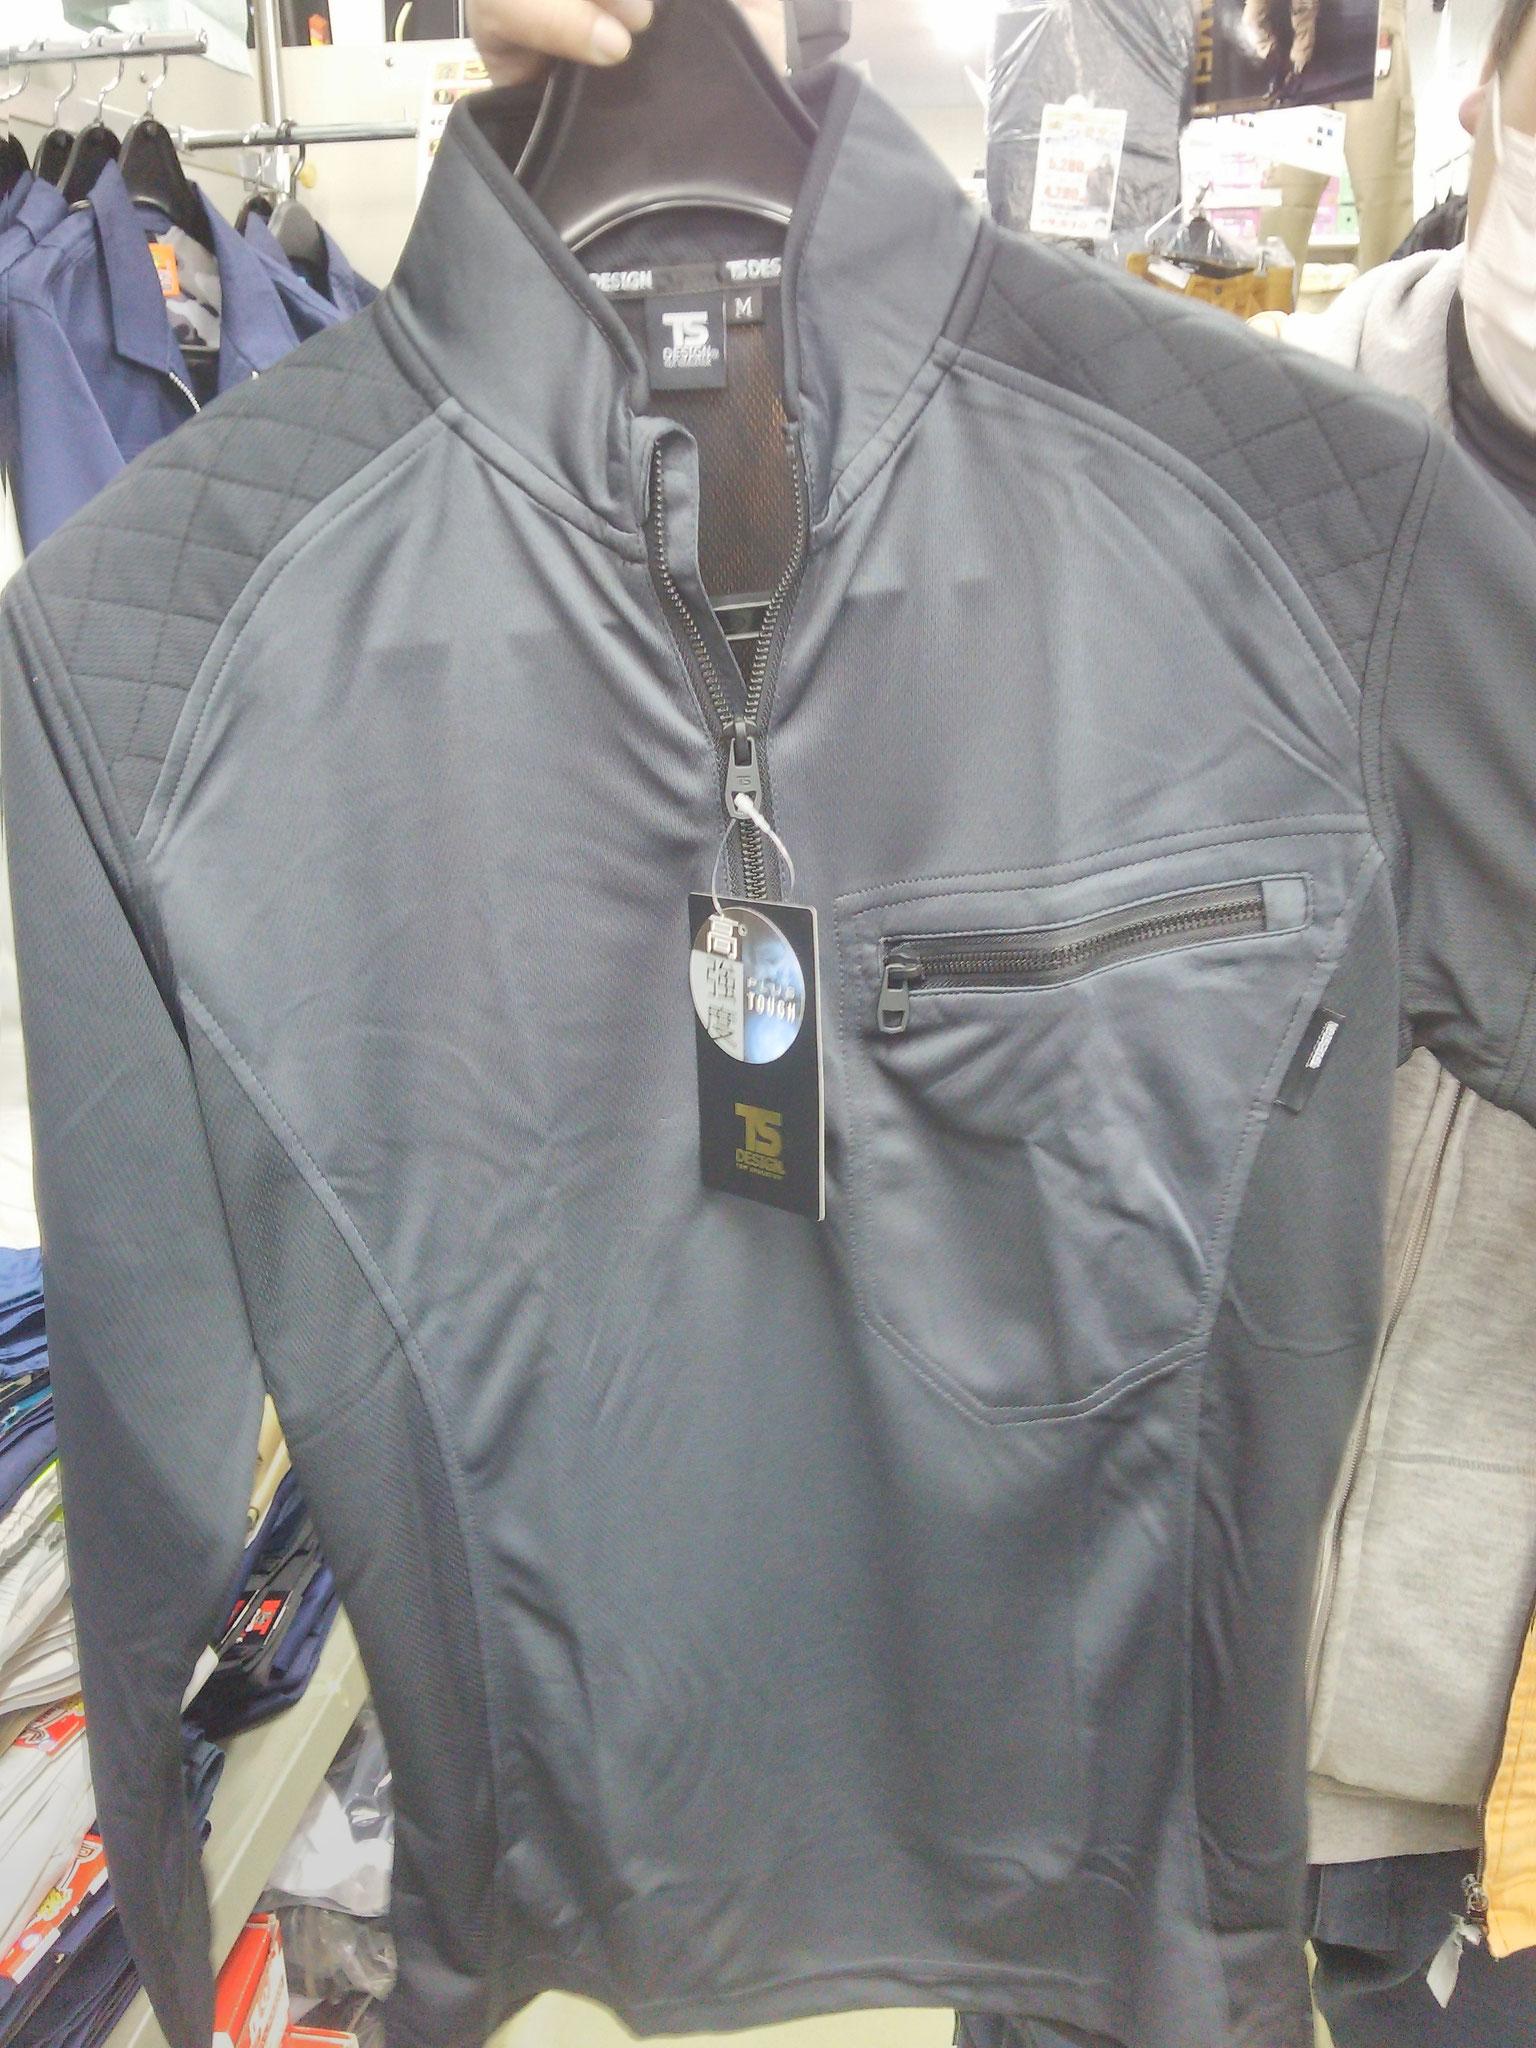 846305 ワークニットロングシャツ ¥2,990(税込)べたつきにくいドライメッシュ採用。